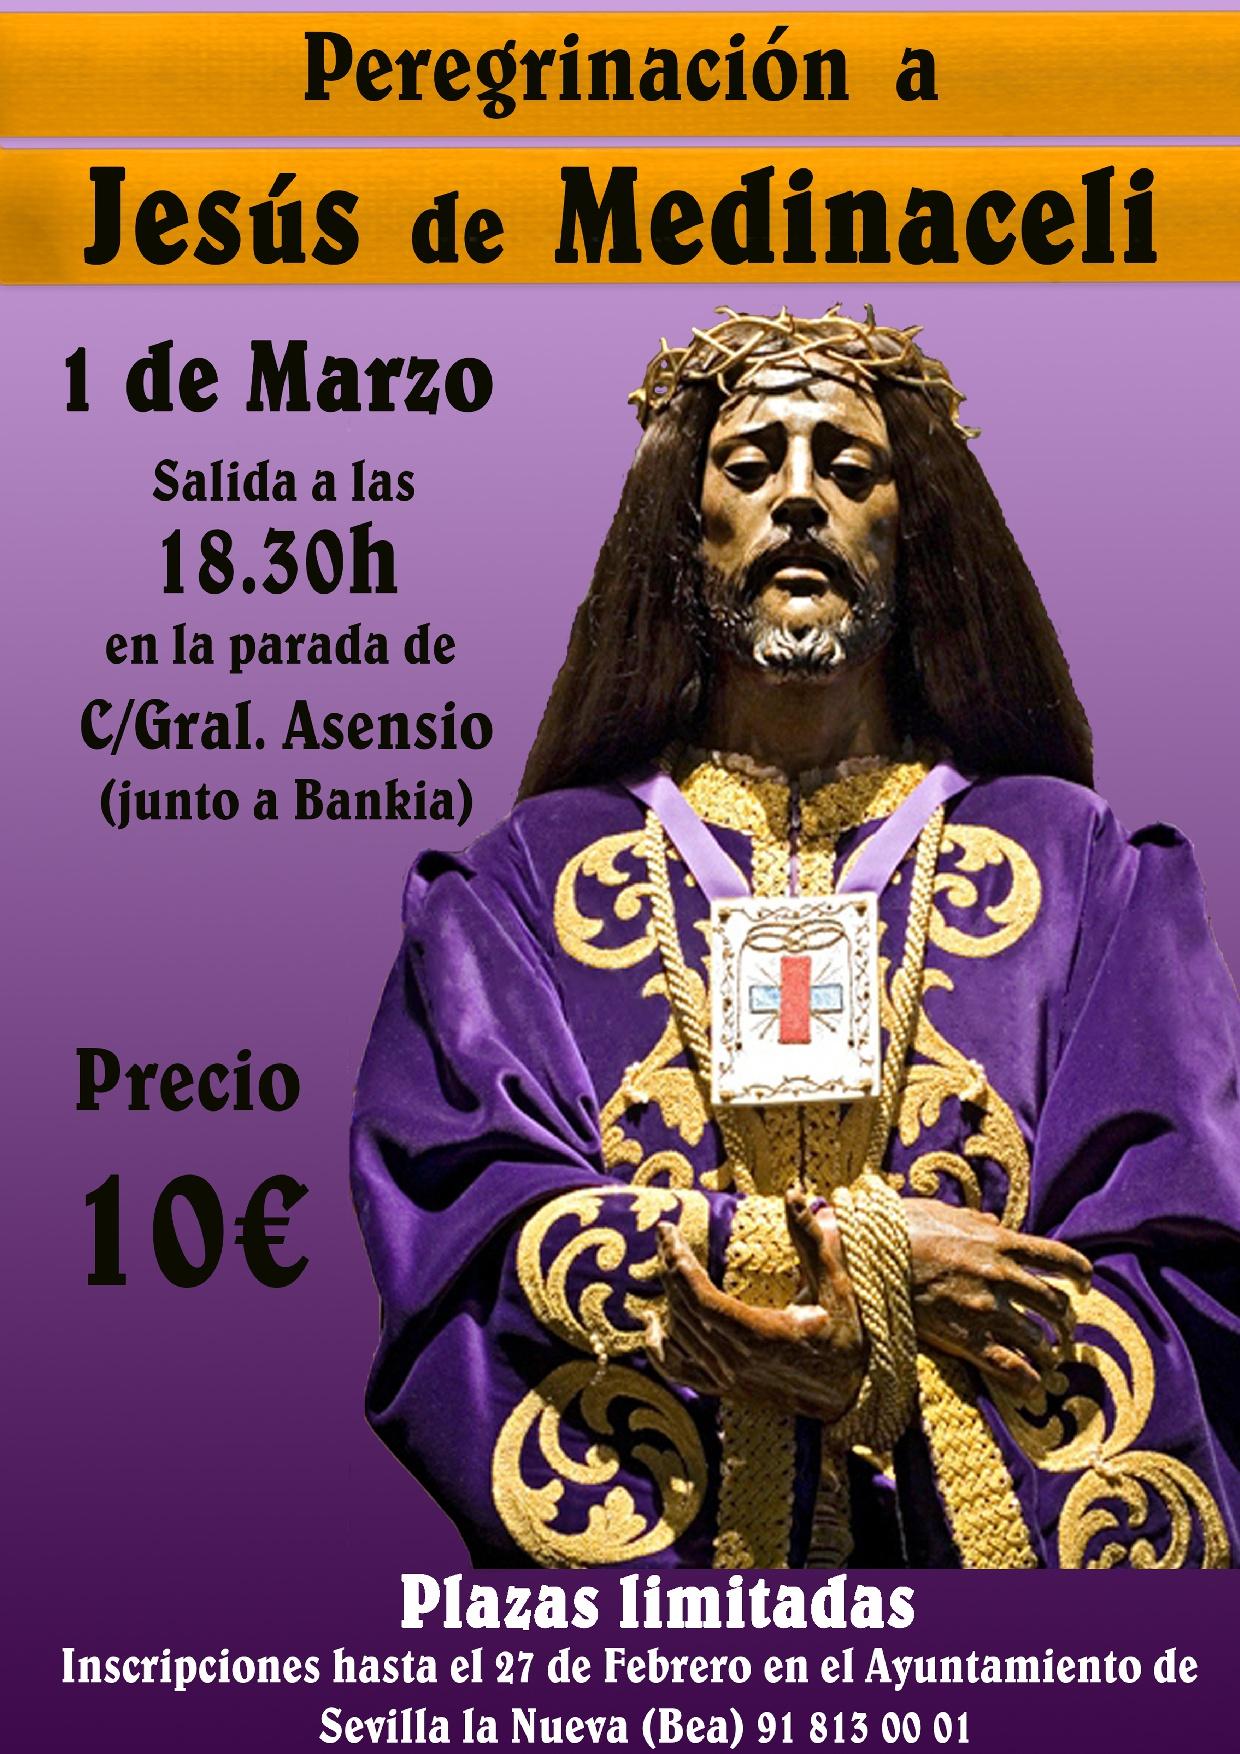 Peregrinación a Jesús de Medinaceli @ Calle del General Asensio